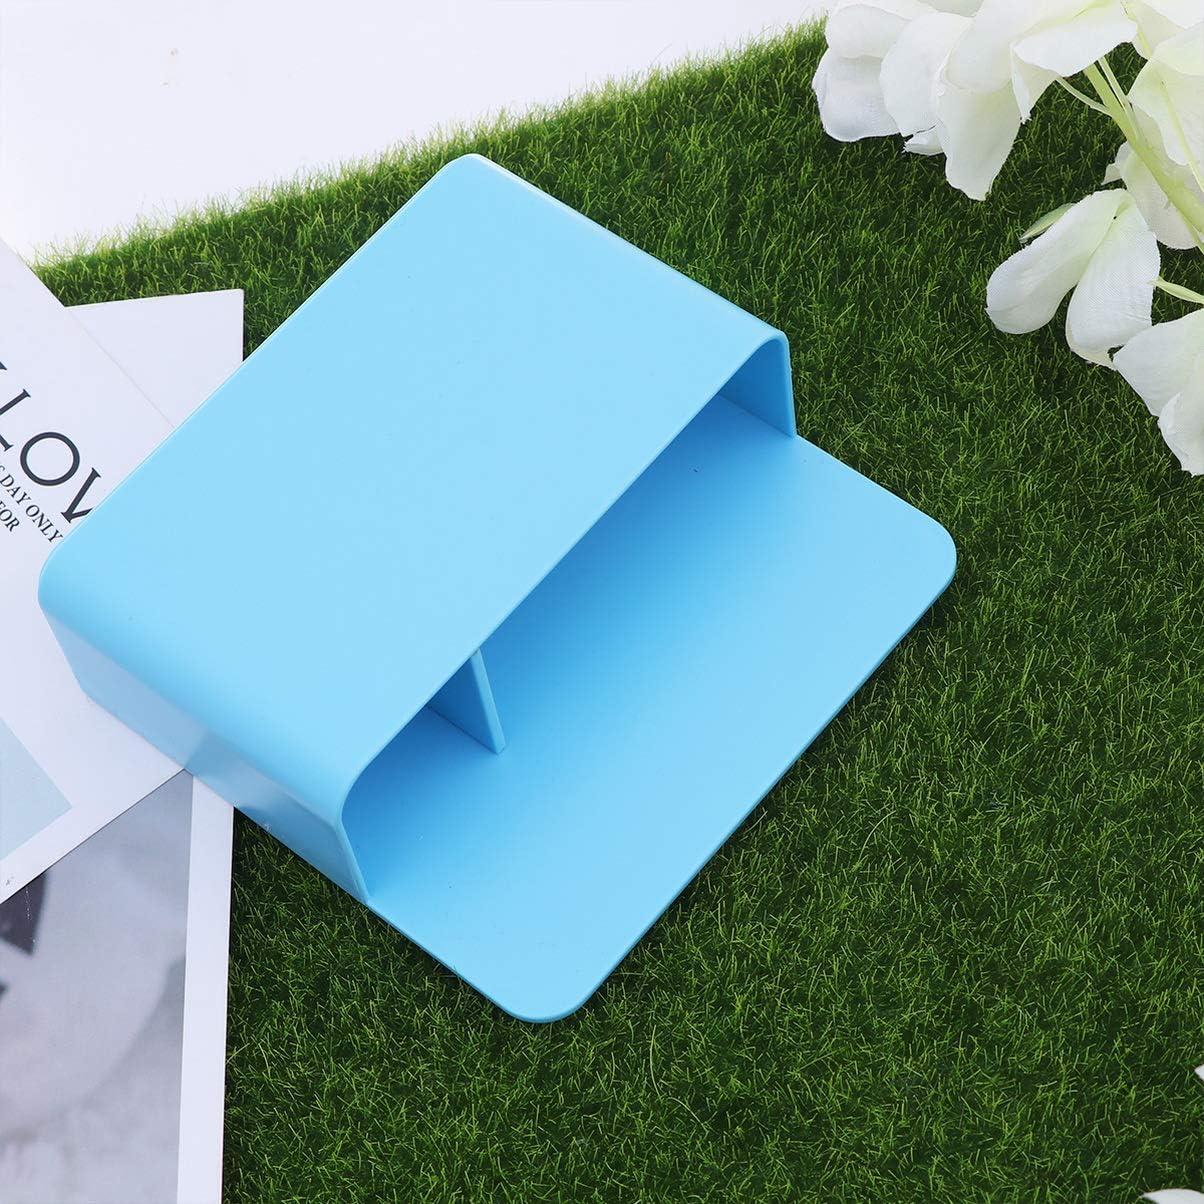 blanc Toyvian Porte-marqueur magn/étique organisateur effa/çable /à sec porte-outil magn/étique pour le bureau /à domicile avec tableau blanc